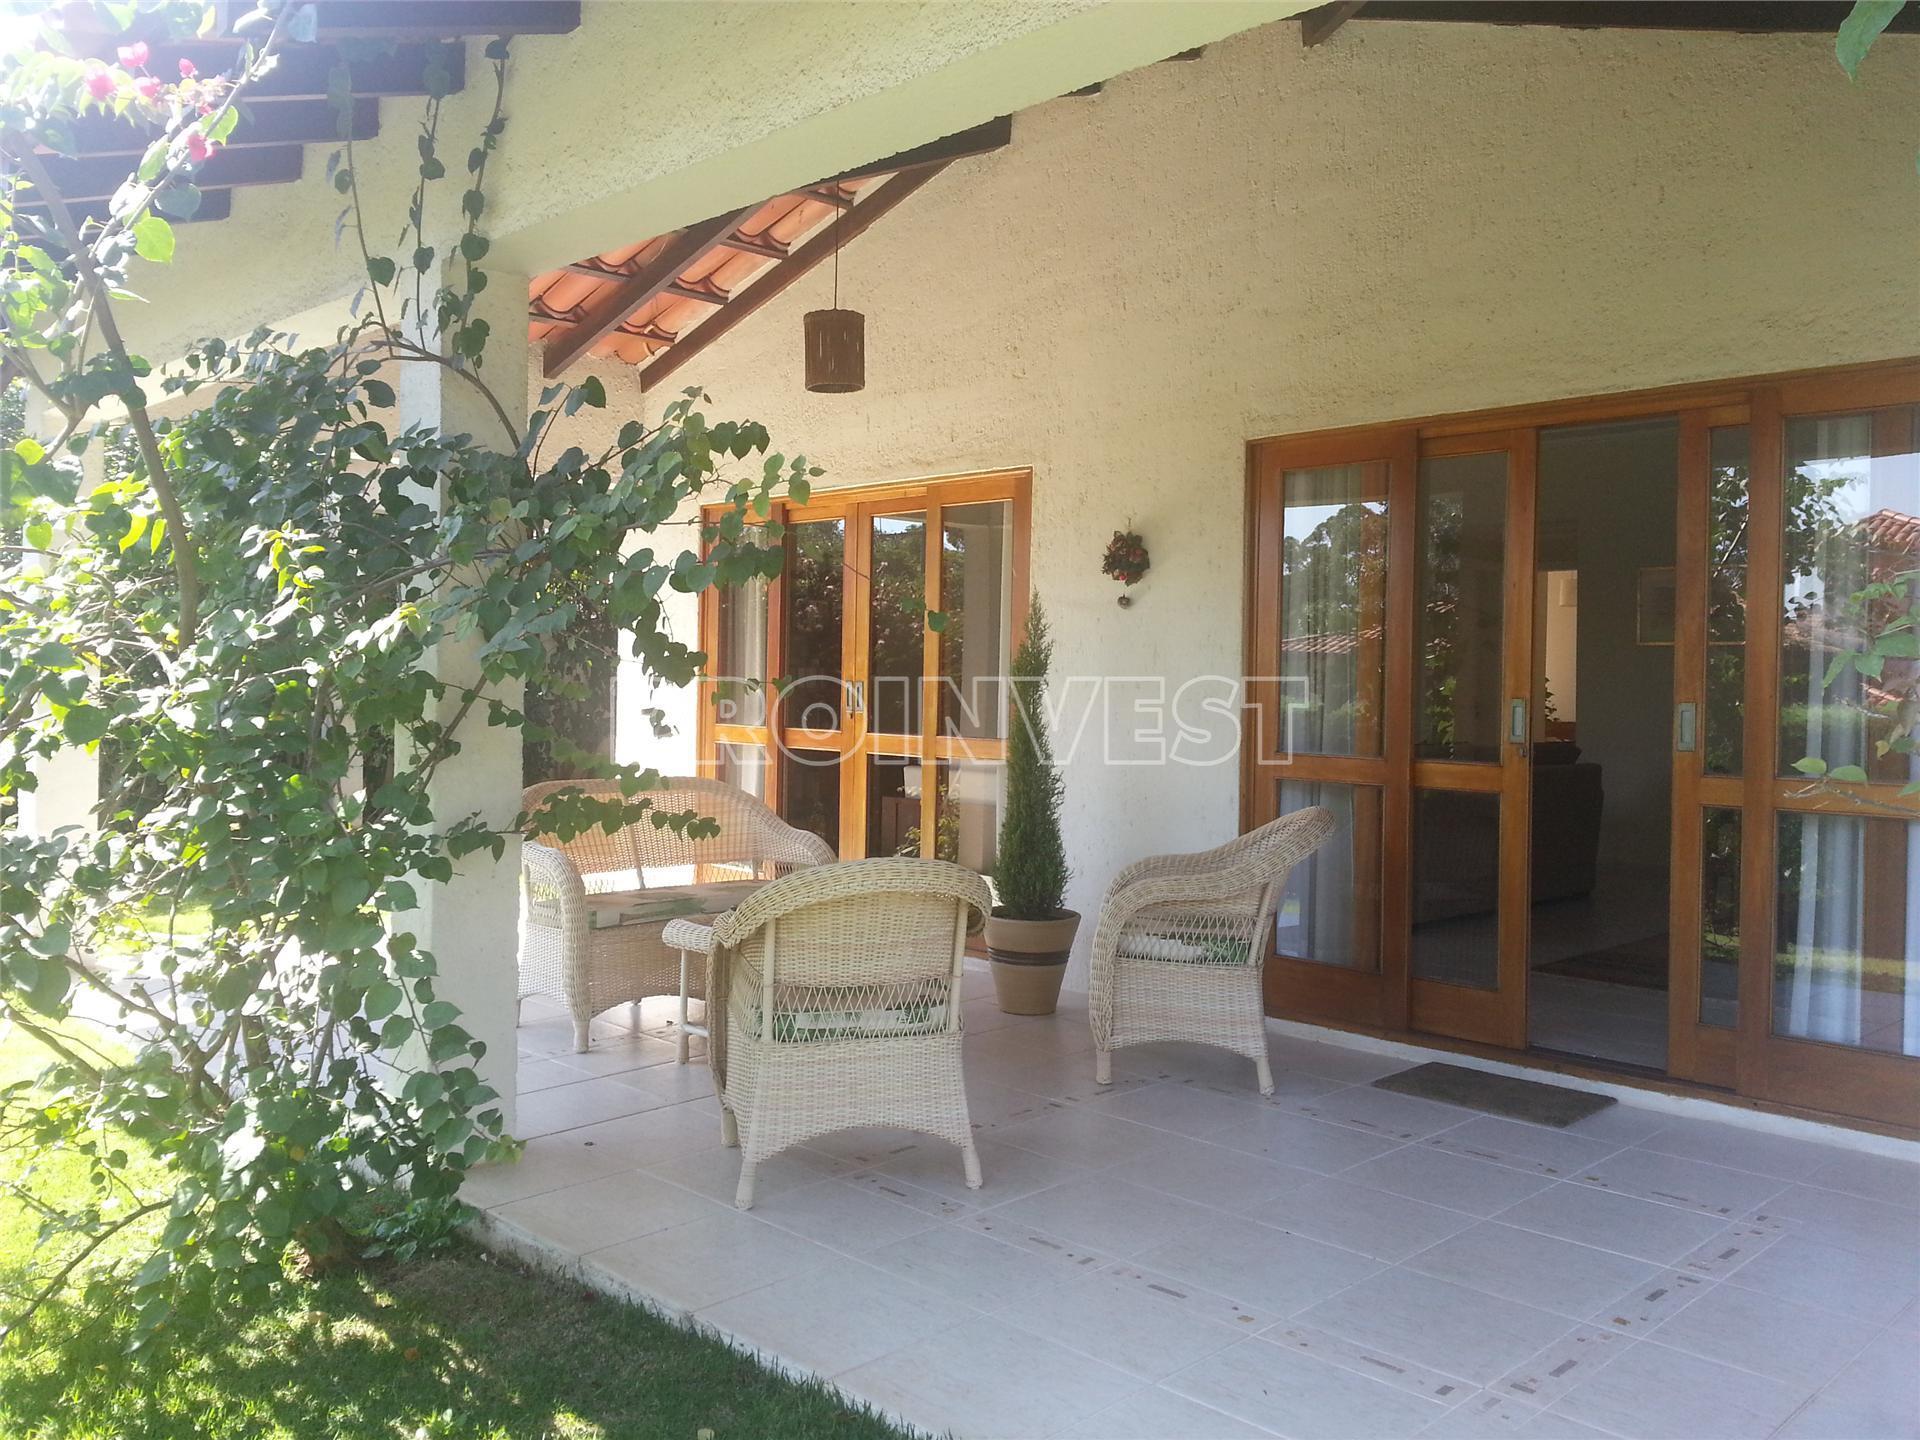 Casa de 3 dormitórios à venda em Residencial Pitangueiras, Carapicuíba - SP